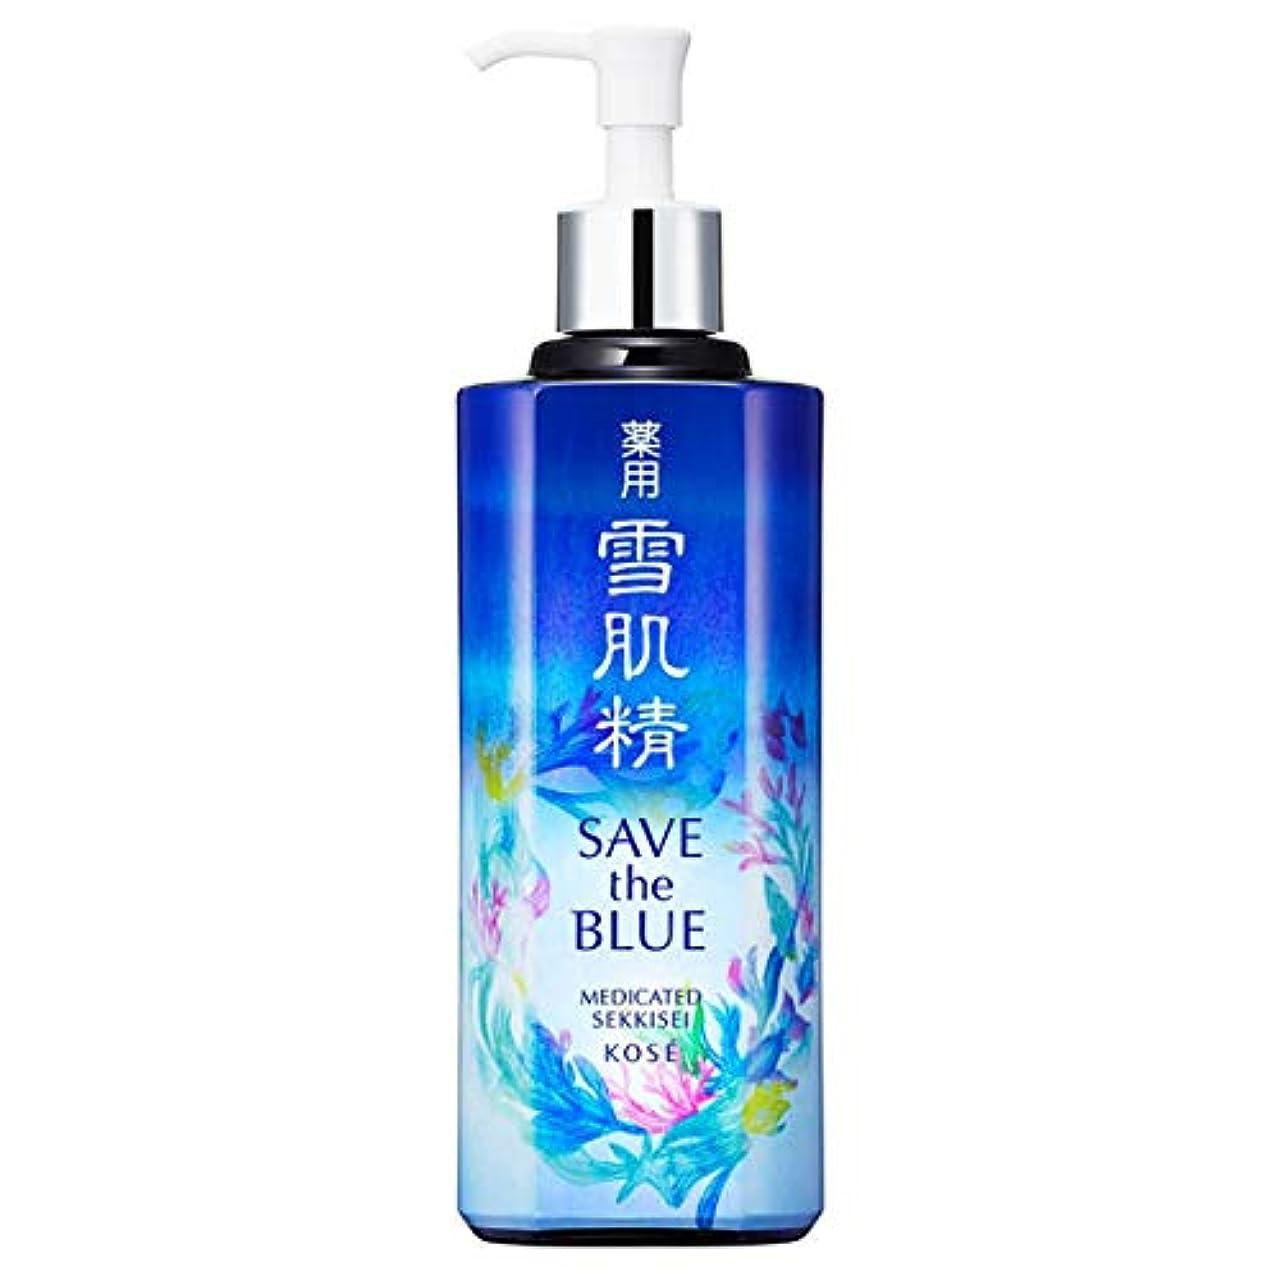 実現可能国民投票拷問コーセー 雪肌精 化粧水 「SAVE the BLUE」デザインボトル(みずみずしいタイプ) 500ml【限定】 [並行輸入品]